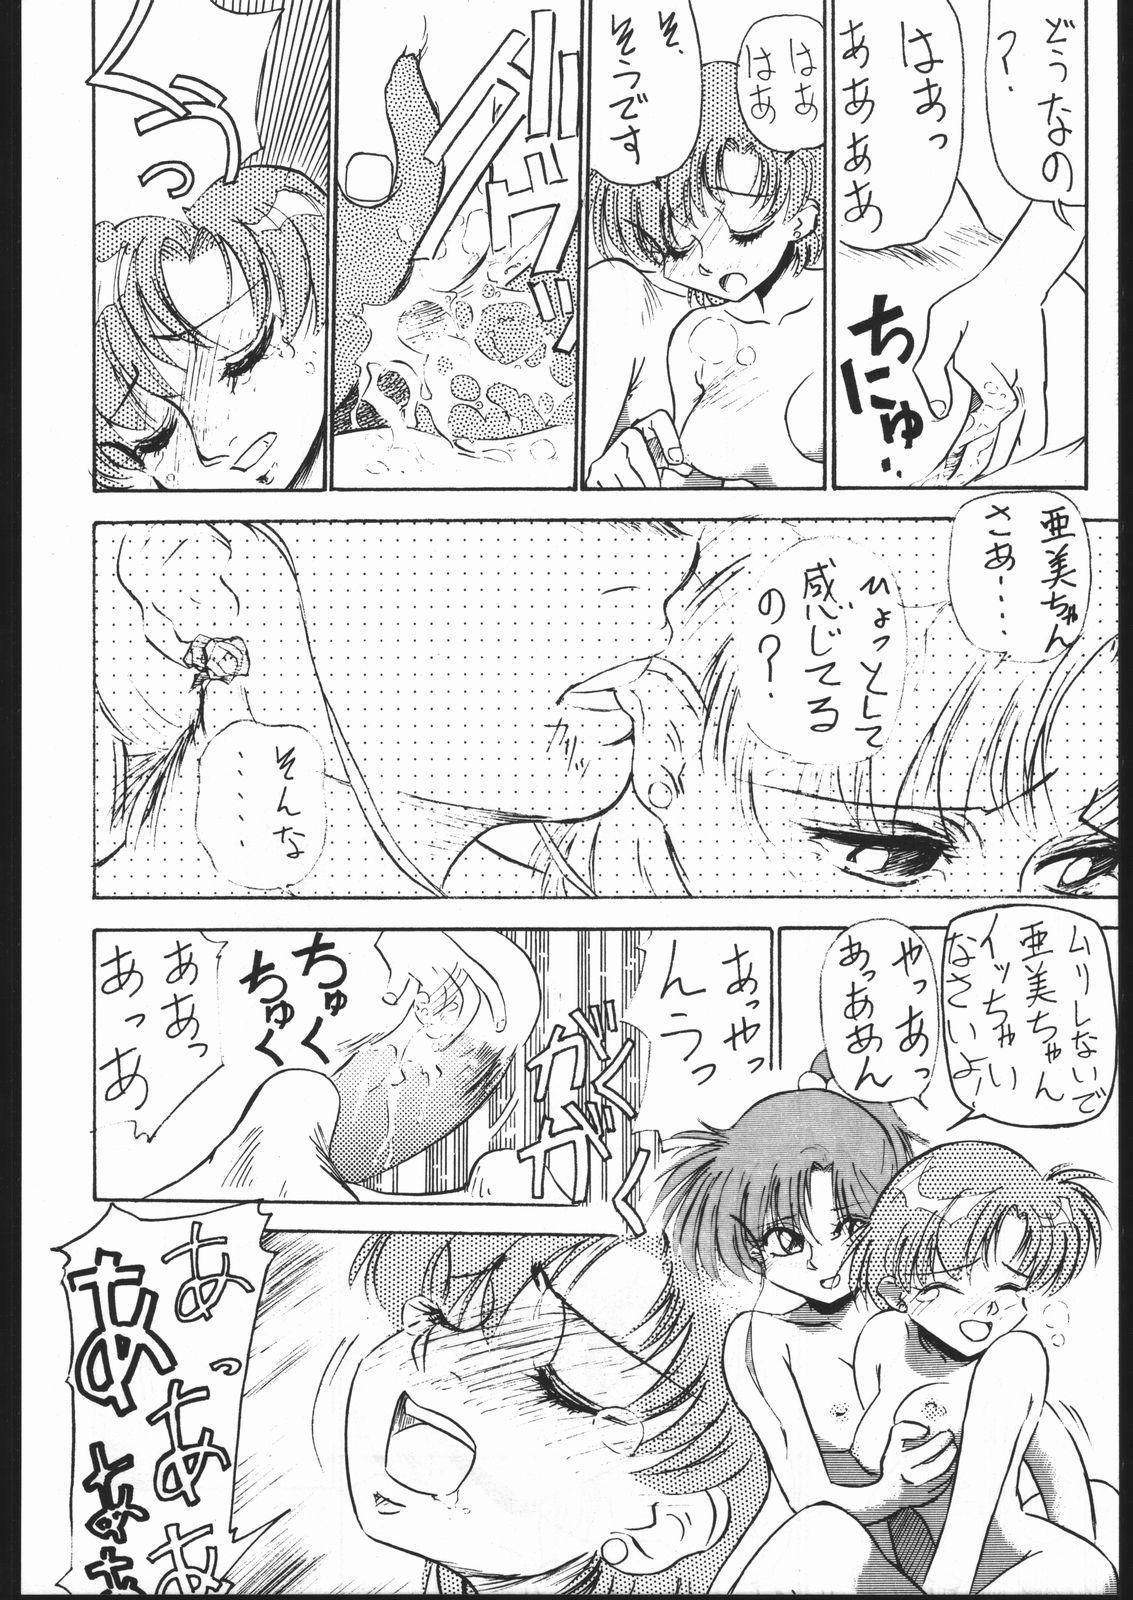 V・H・S・M Vol. 1 30